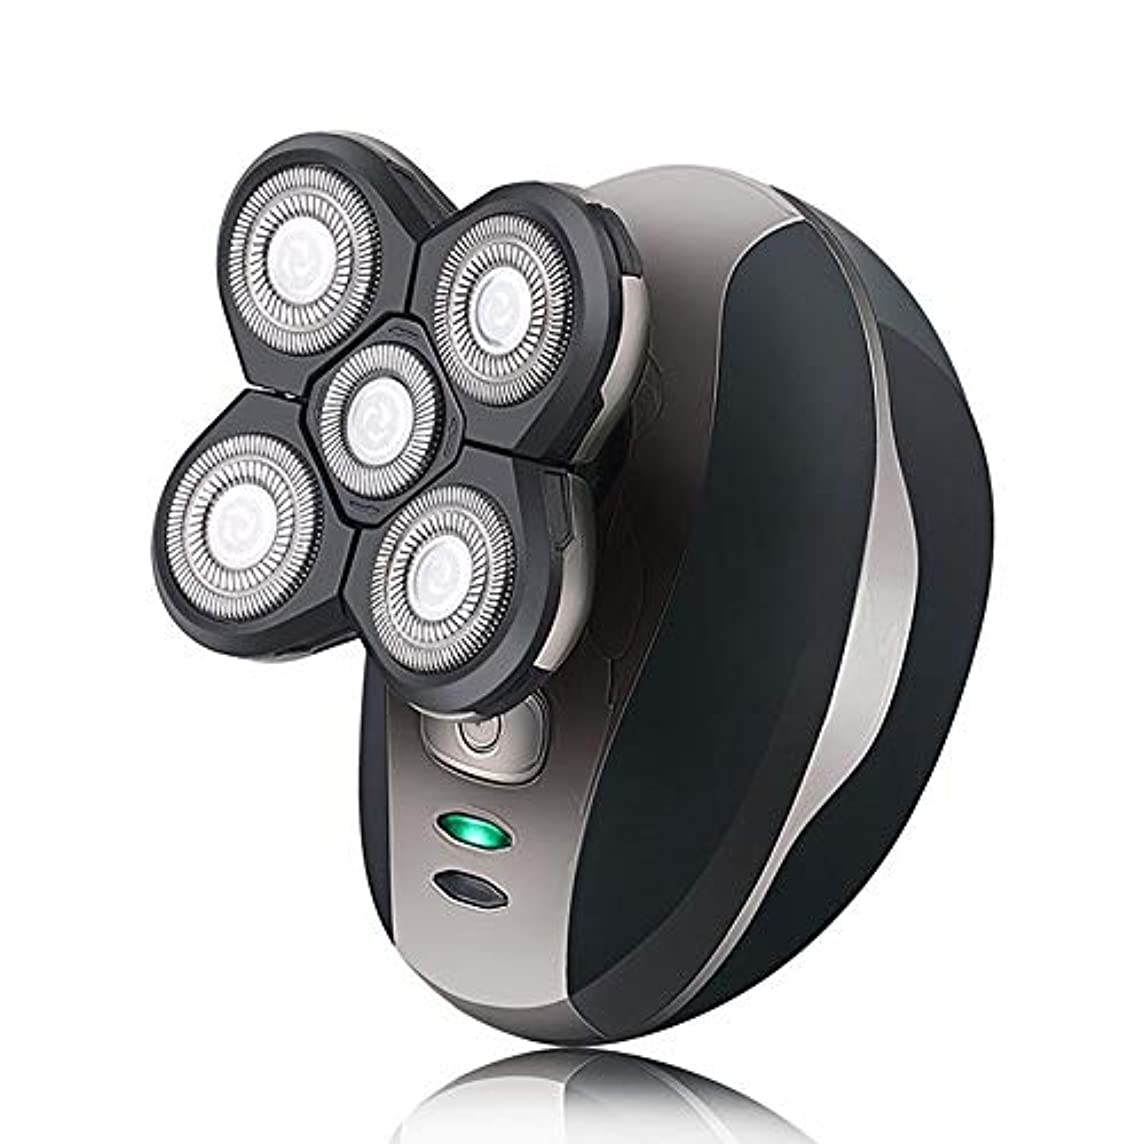 電気シェーバーカミソリヘッド5ヘッド充電式防水シャンプー自己保護光学ヘッドカミソリ (Color : ブラック)